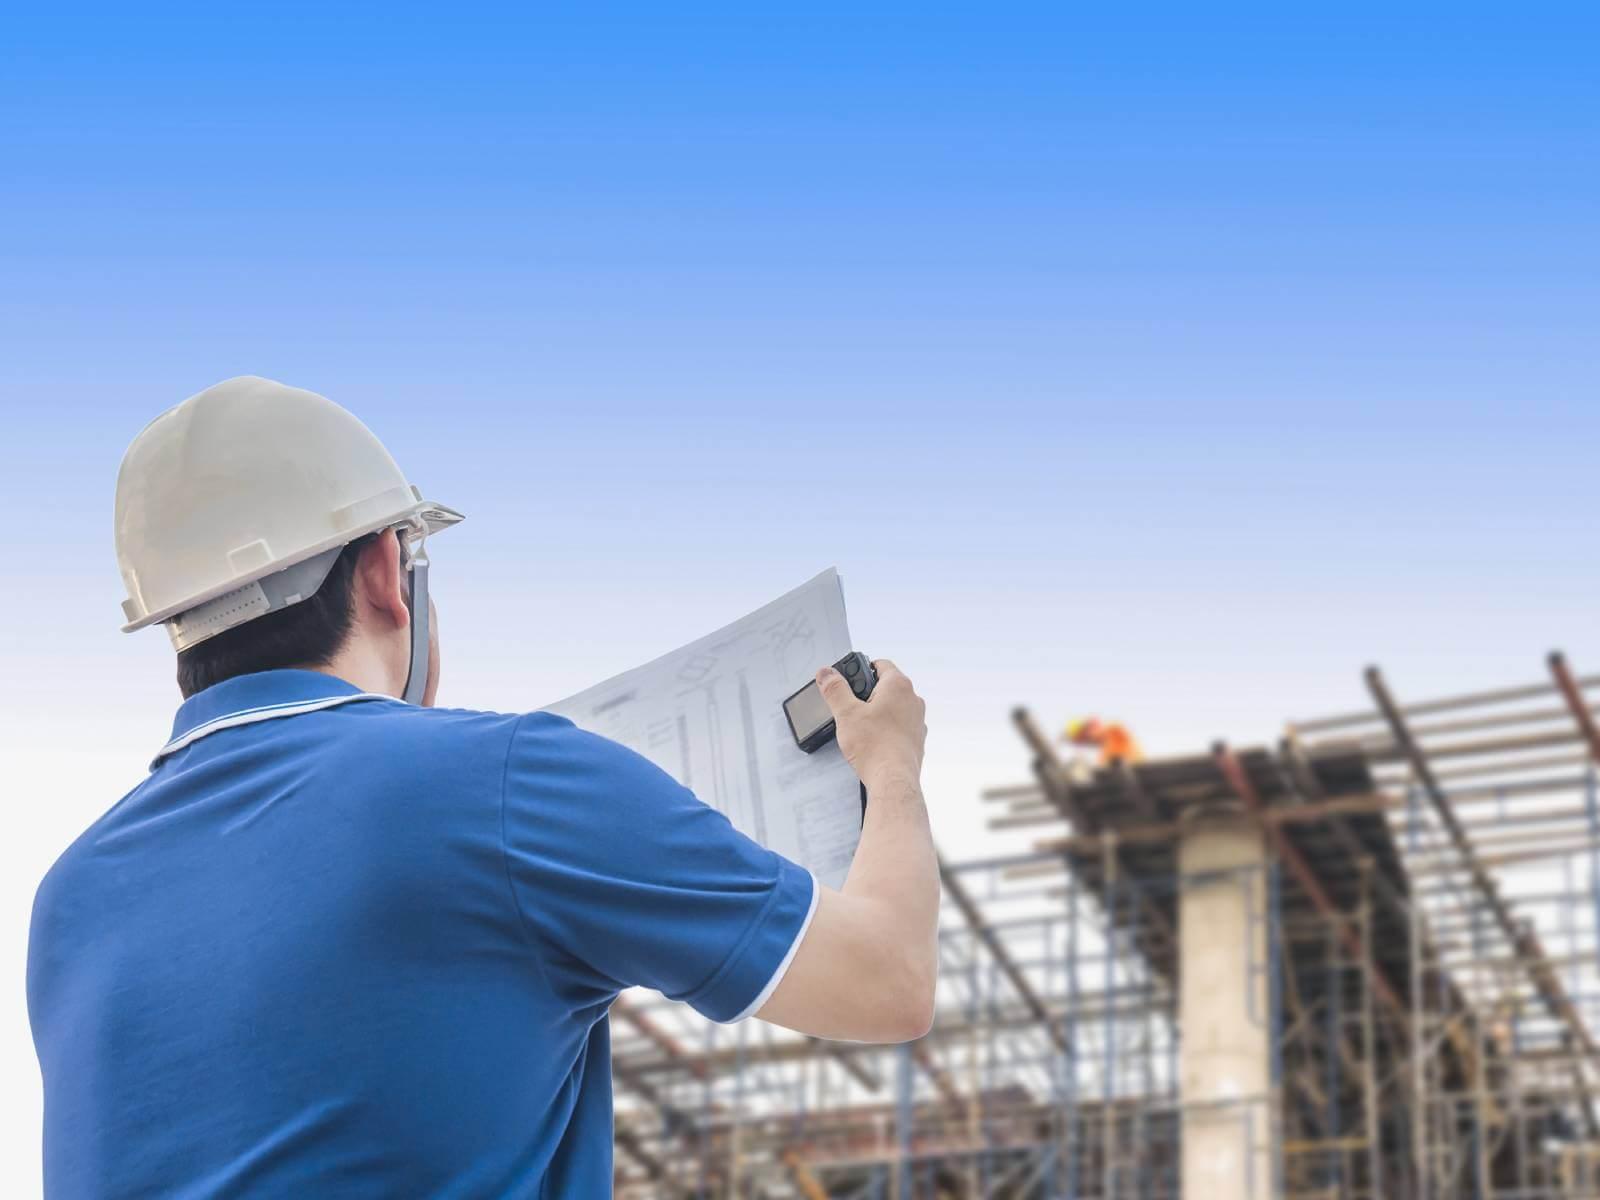 Engenheiro inspeciona trabalho em canteiro de obras